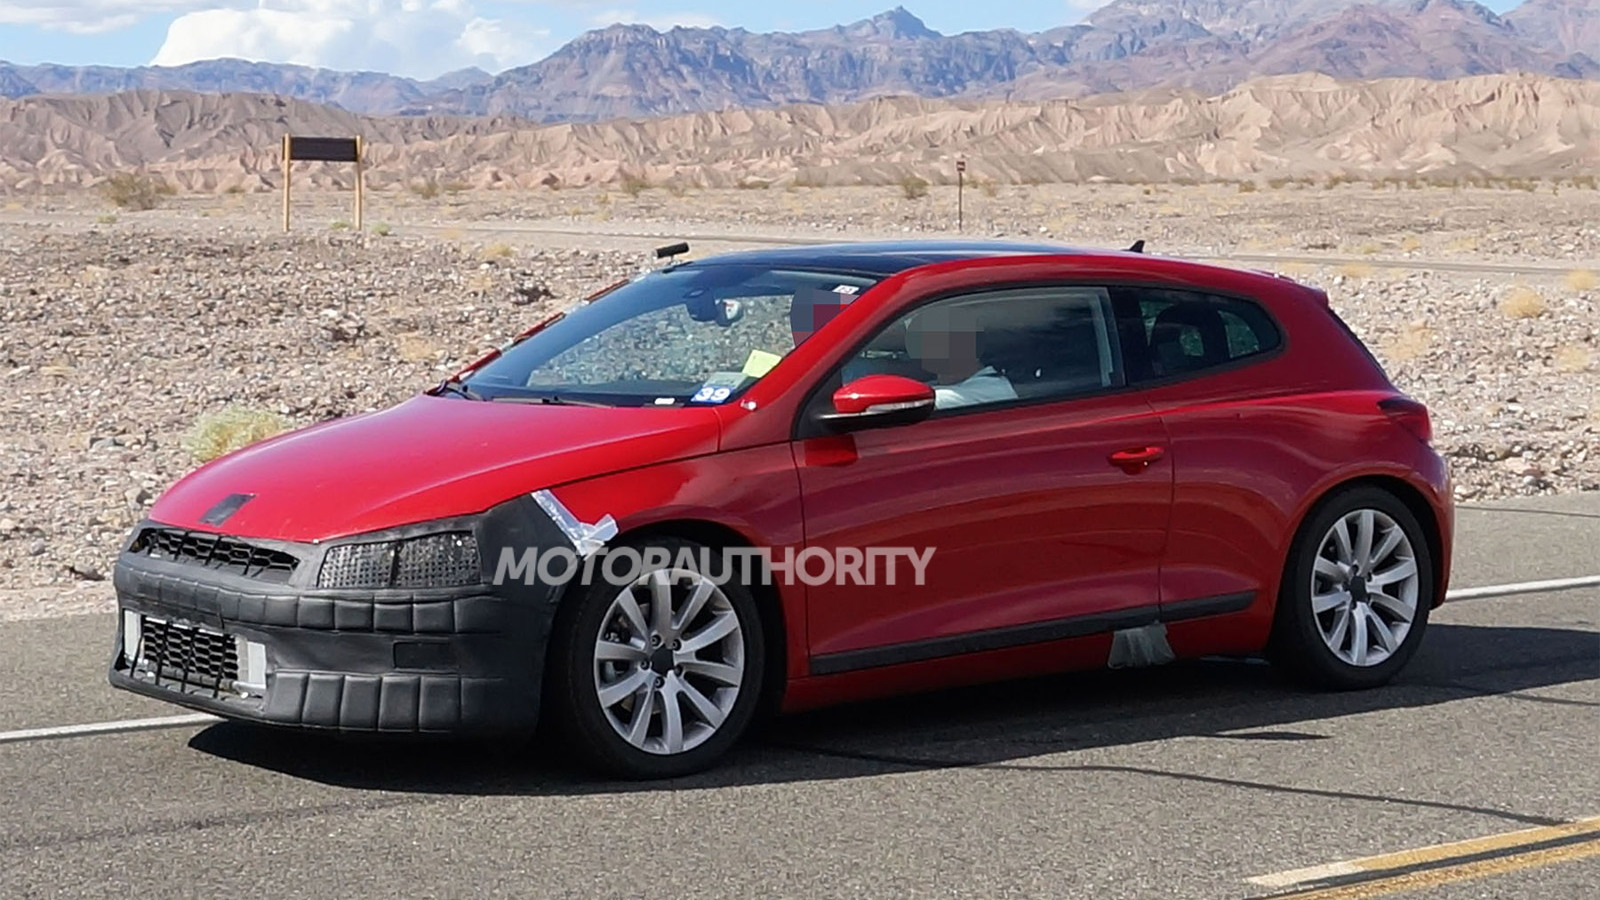 2014 Volkswagen Scirocco spy shots